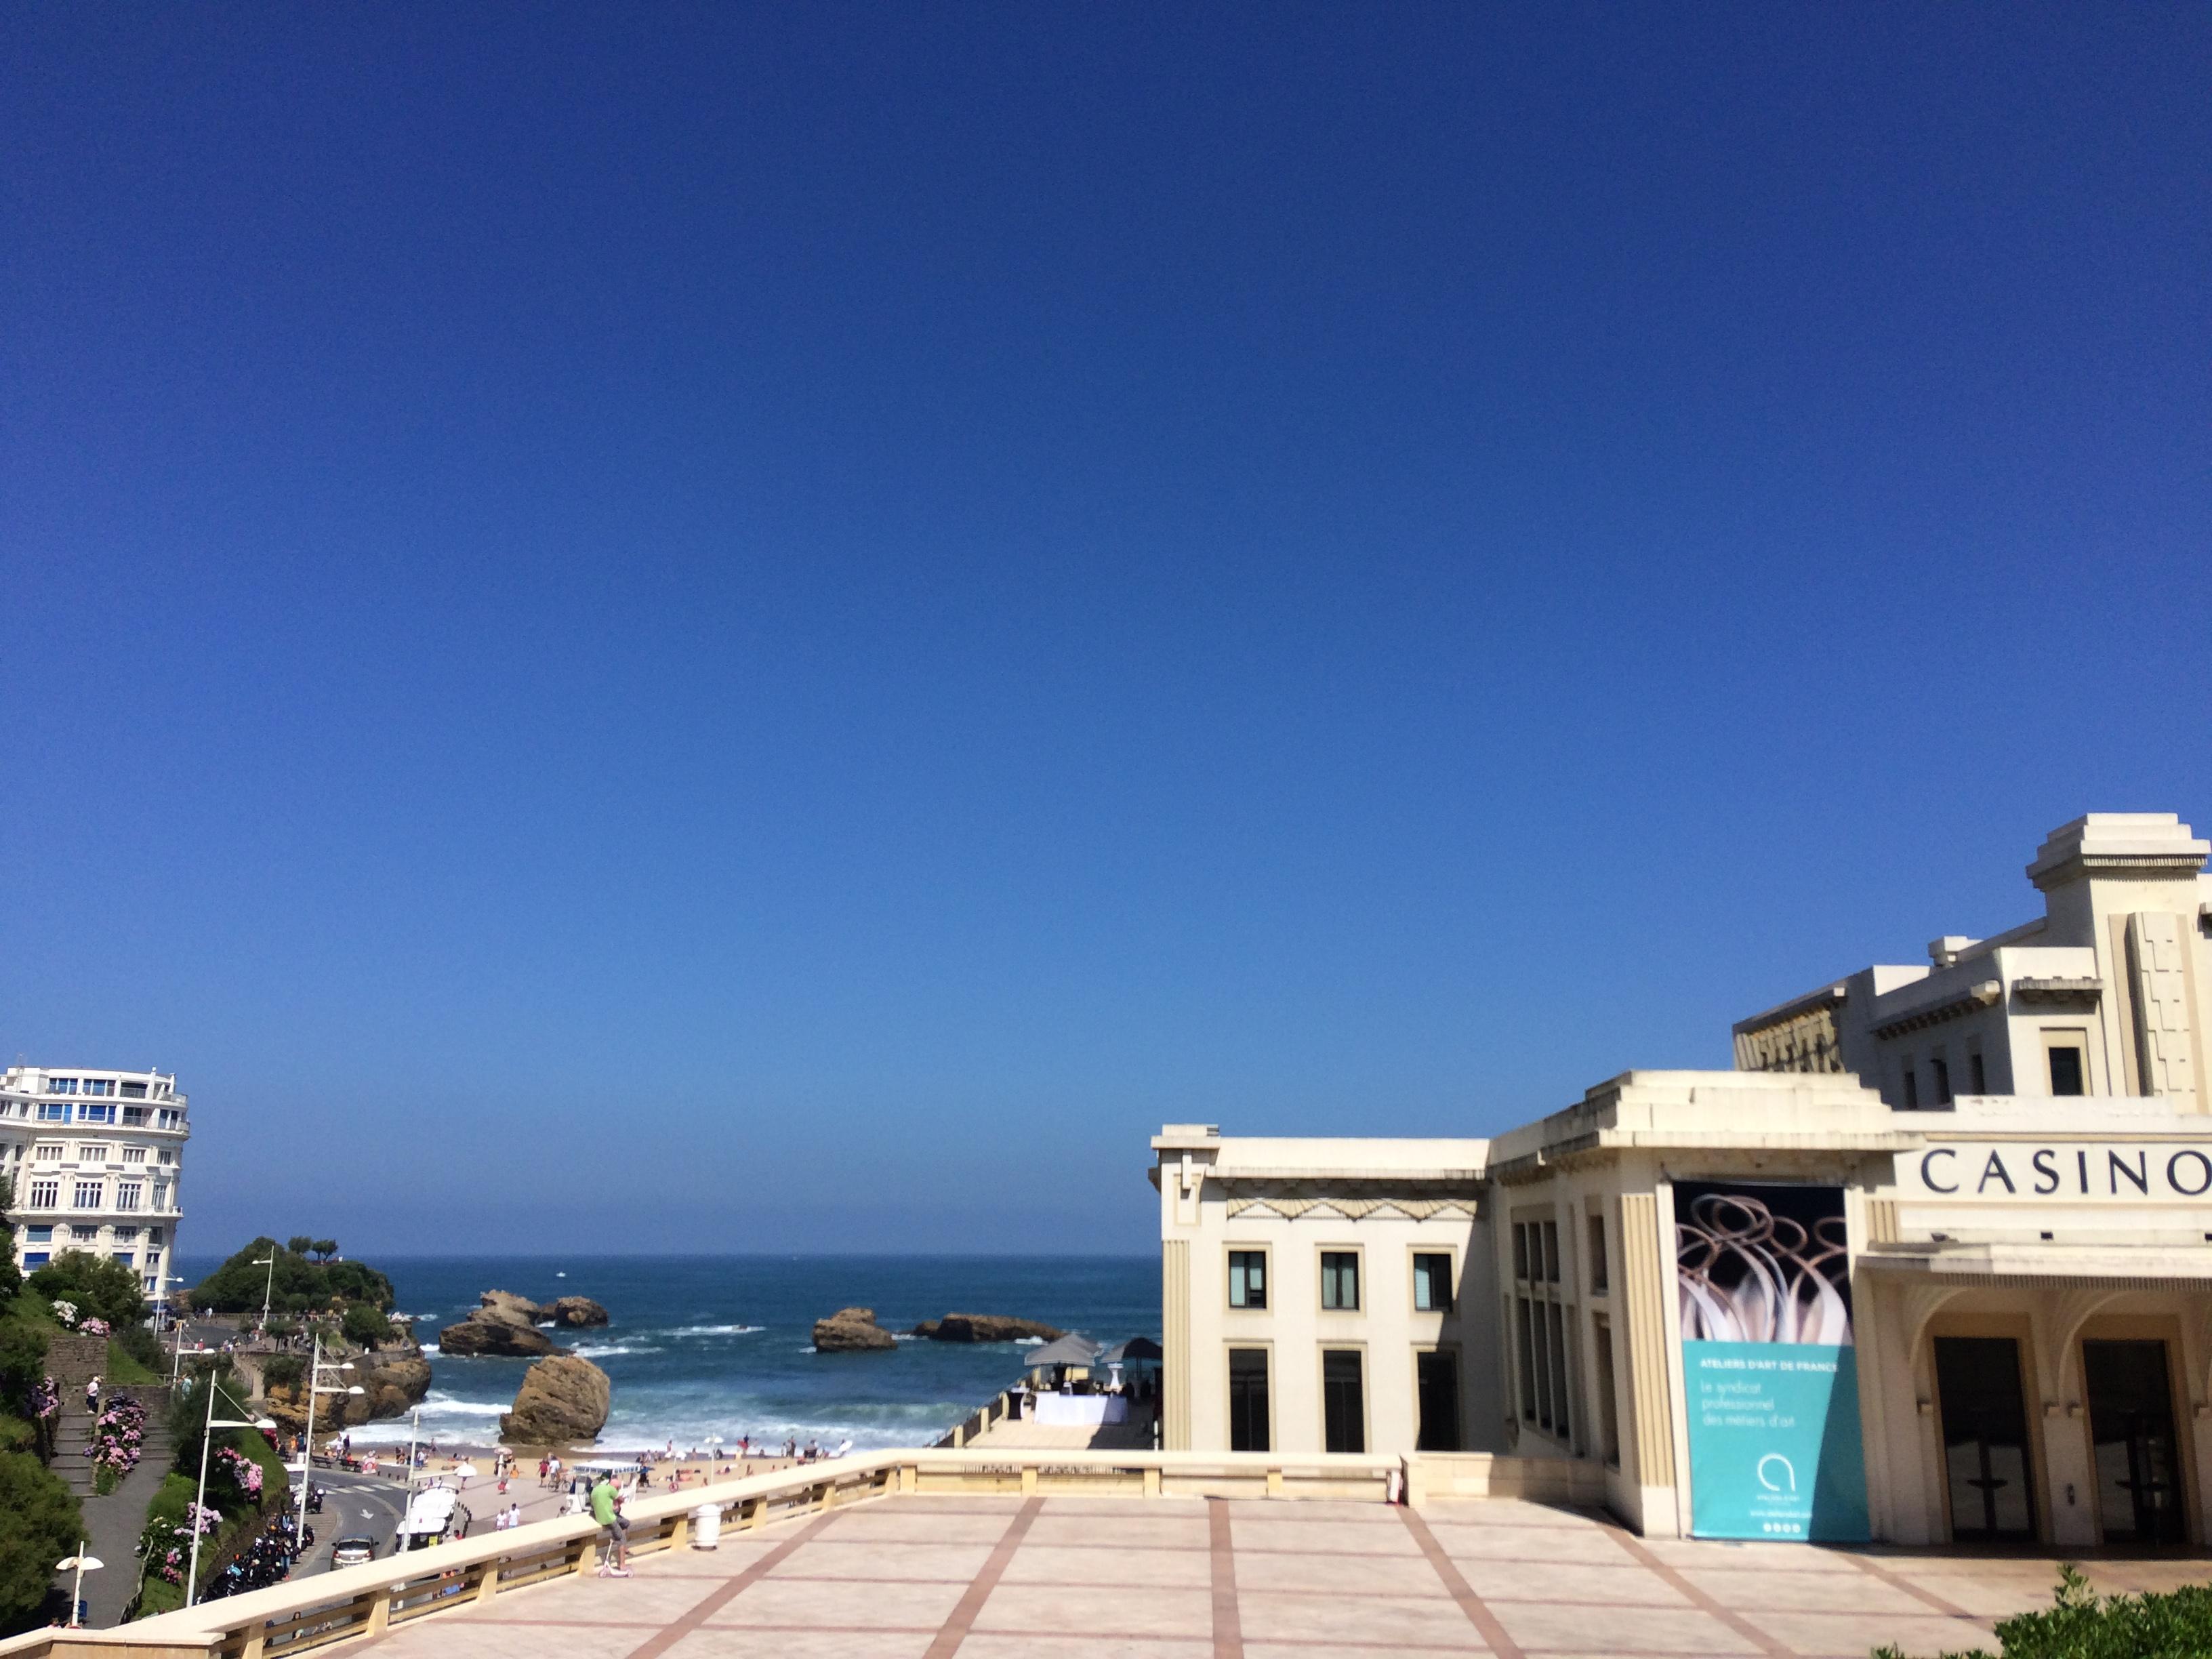 El Casino Municipal de Biarritz